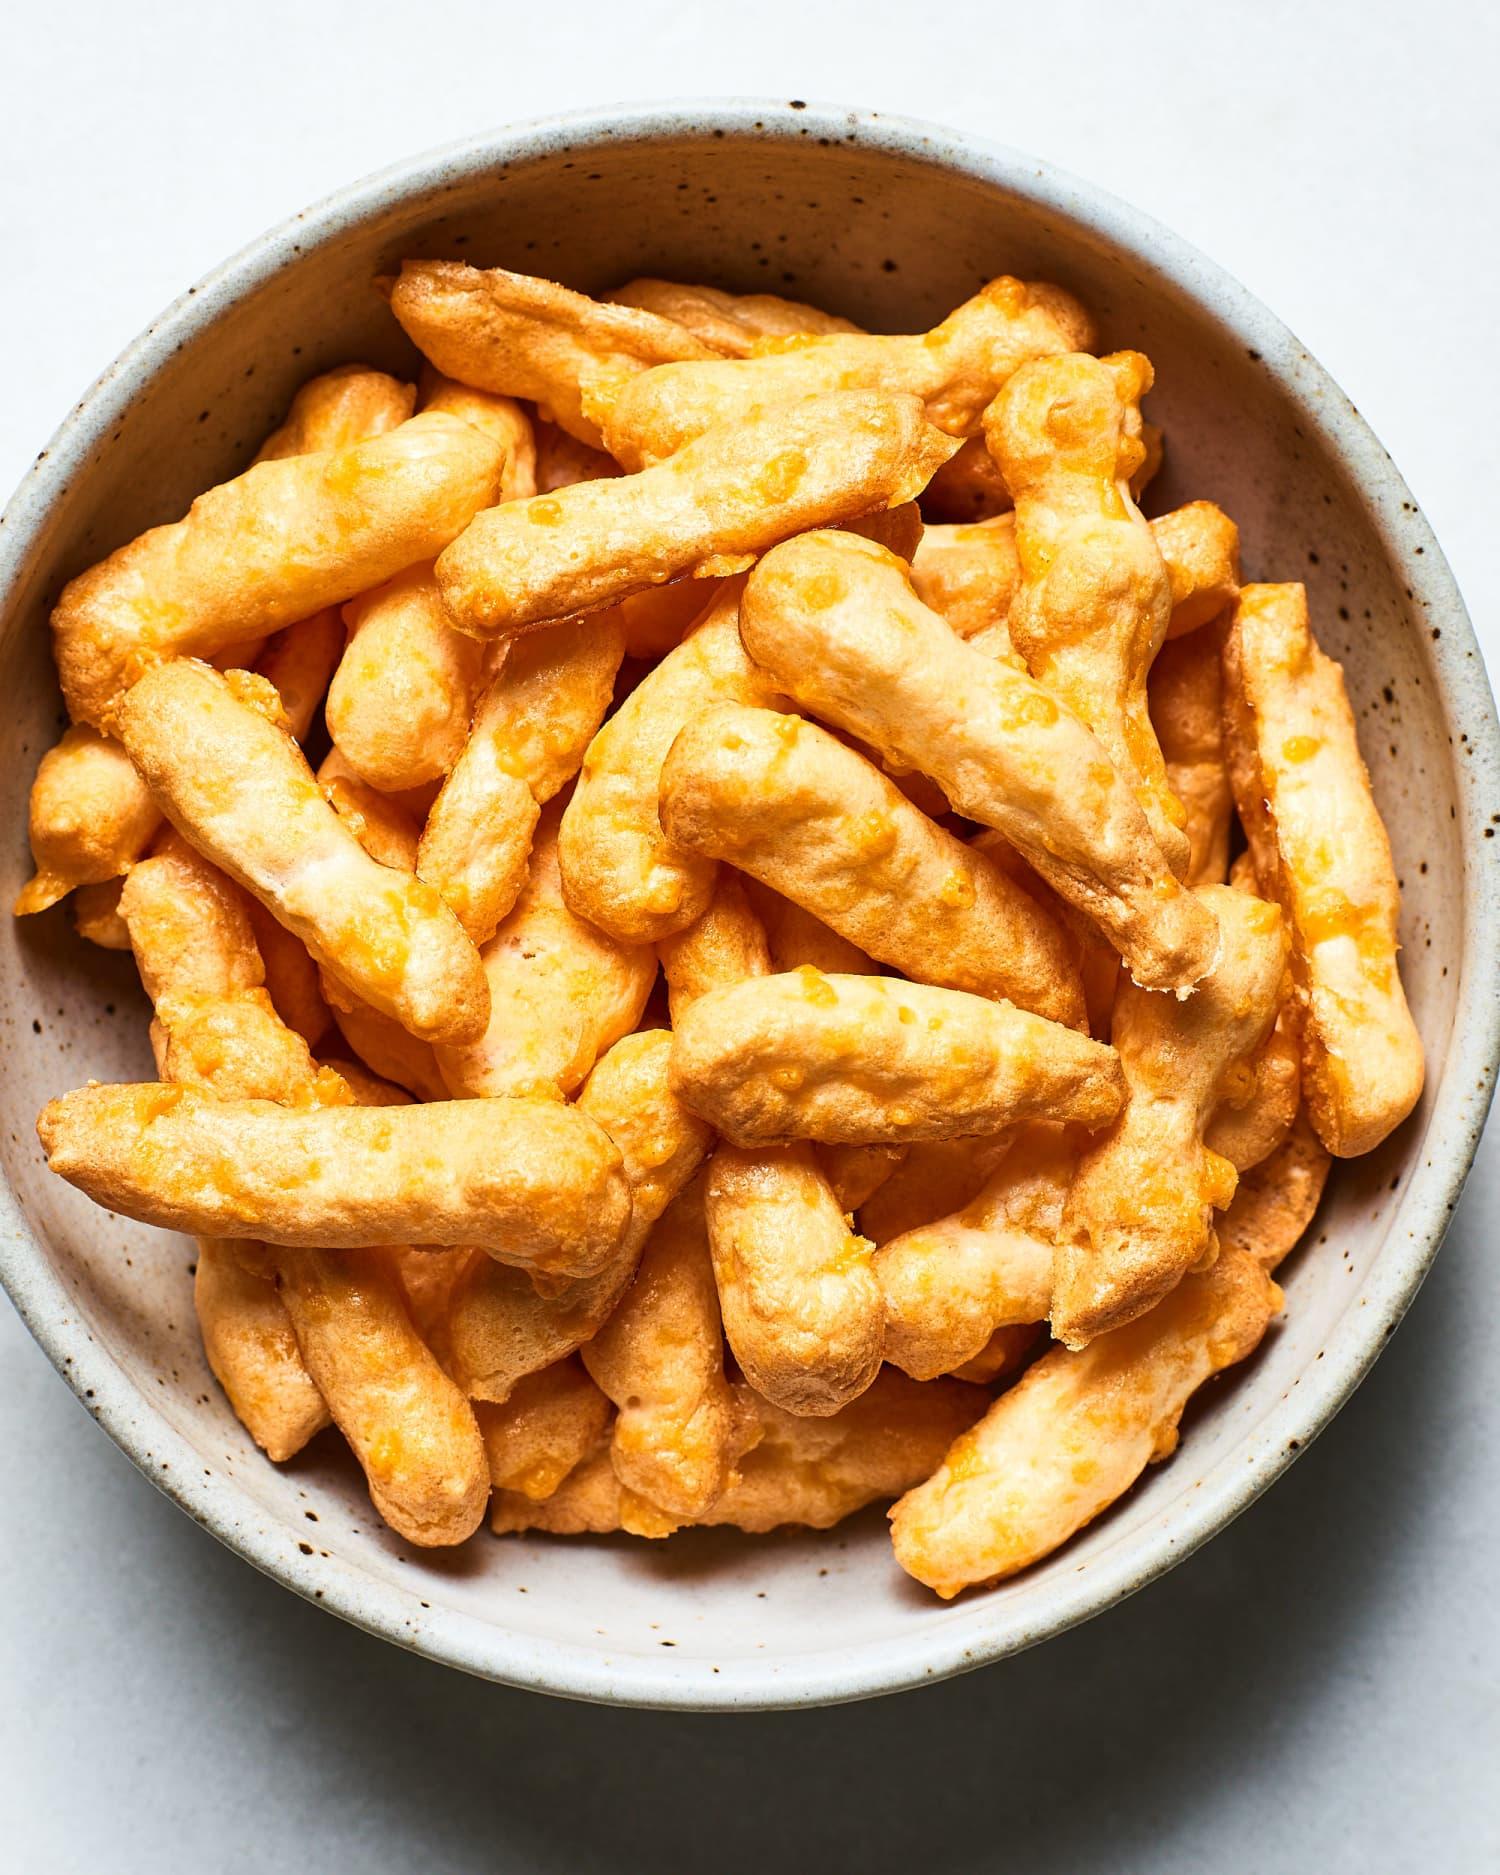 Recipe: 4-Ingredient Keto Cheetos